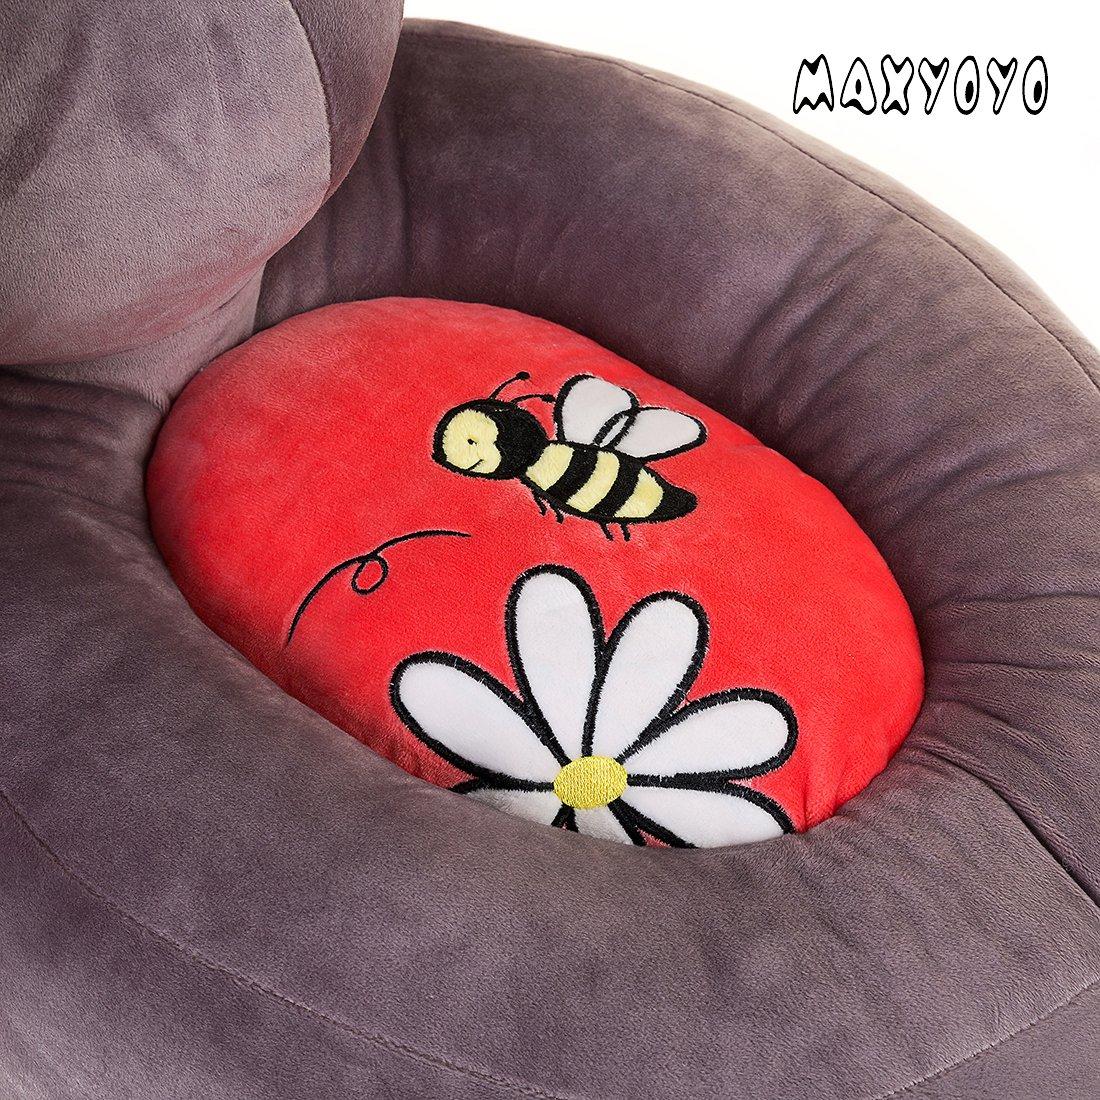 Amazon.com: Peluche con sofá puf para niños ...